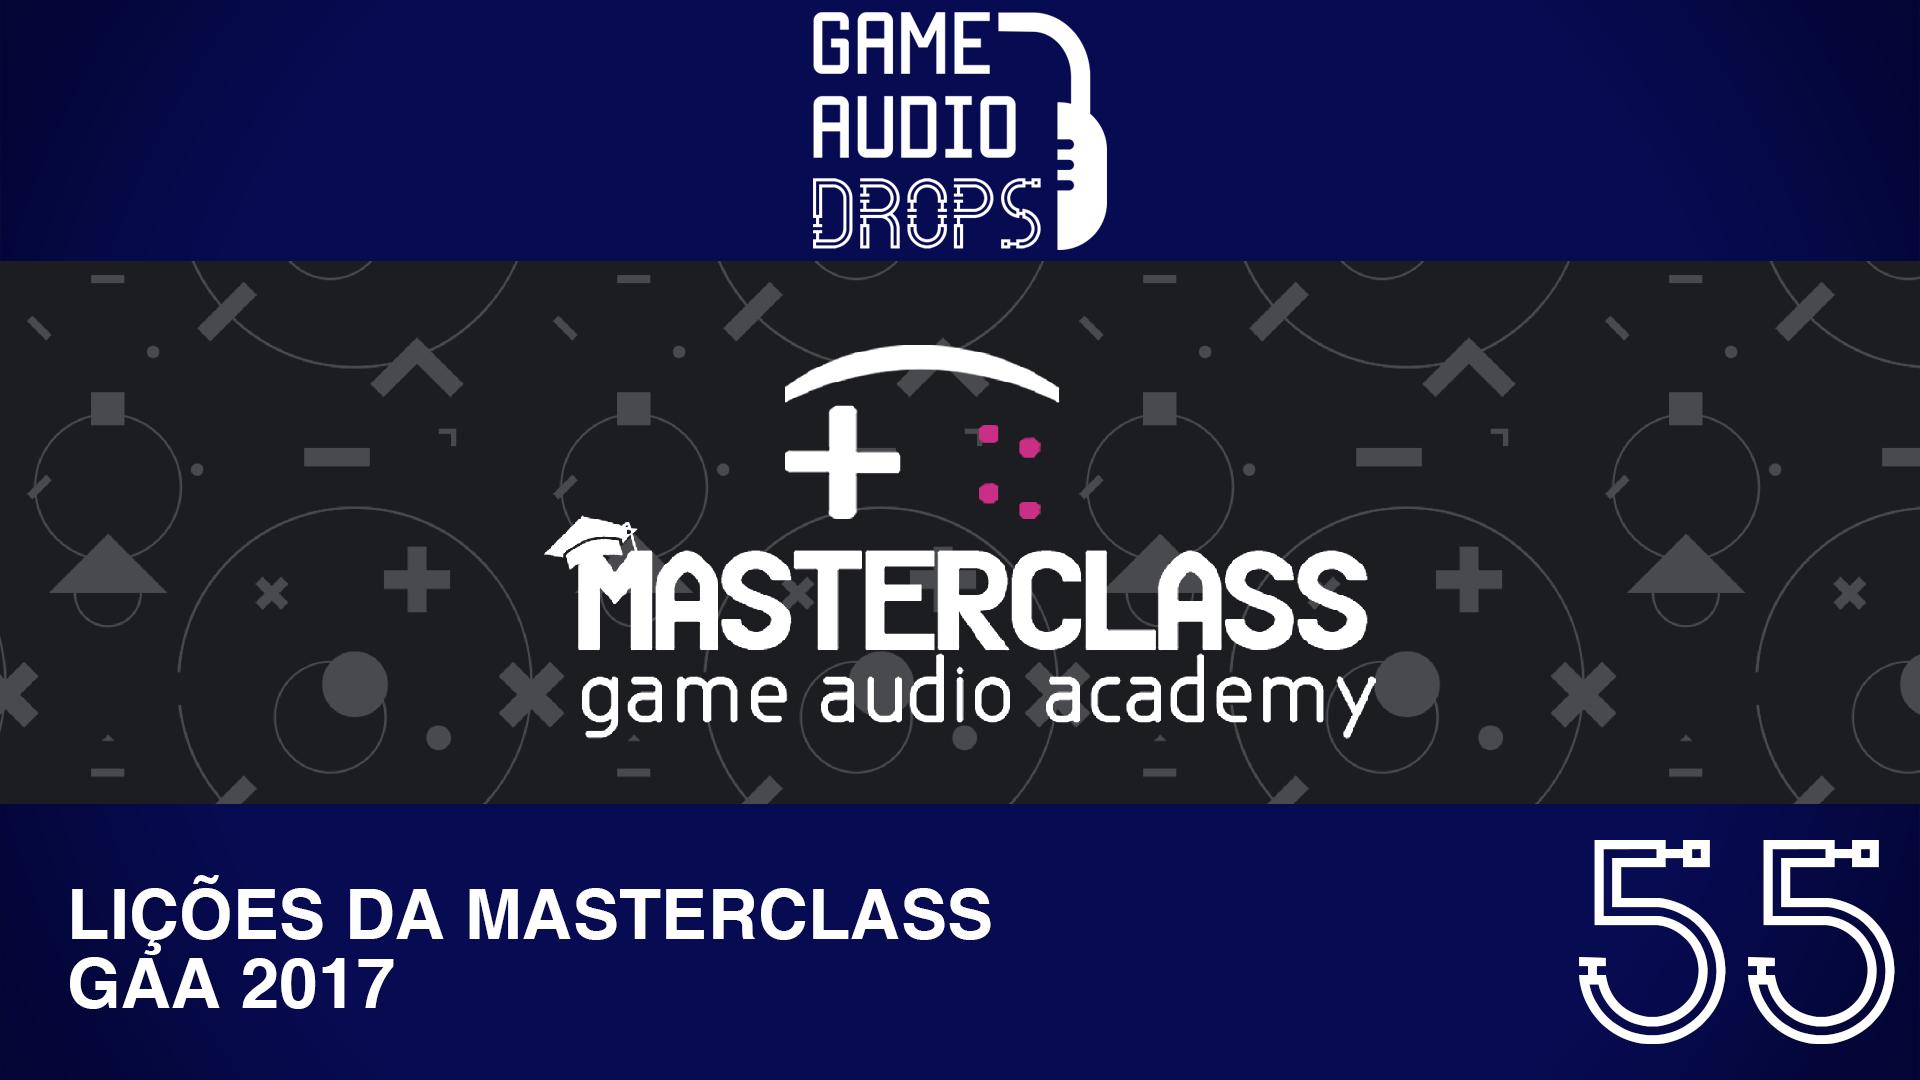 Capa Lições Game Audio Academy Masterclass 2017